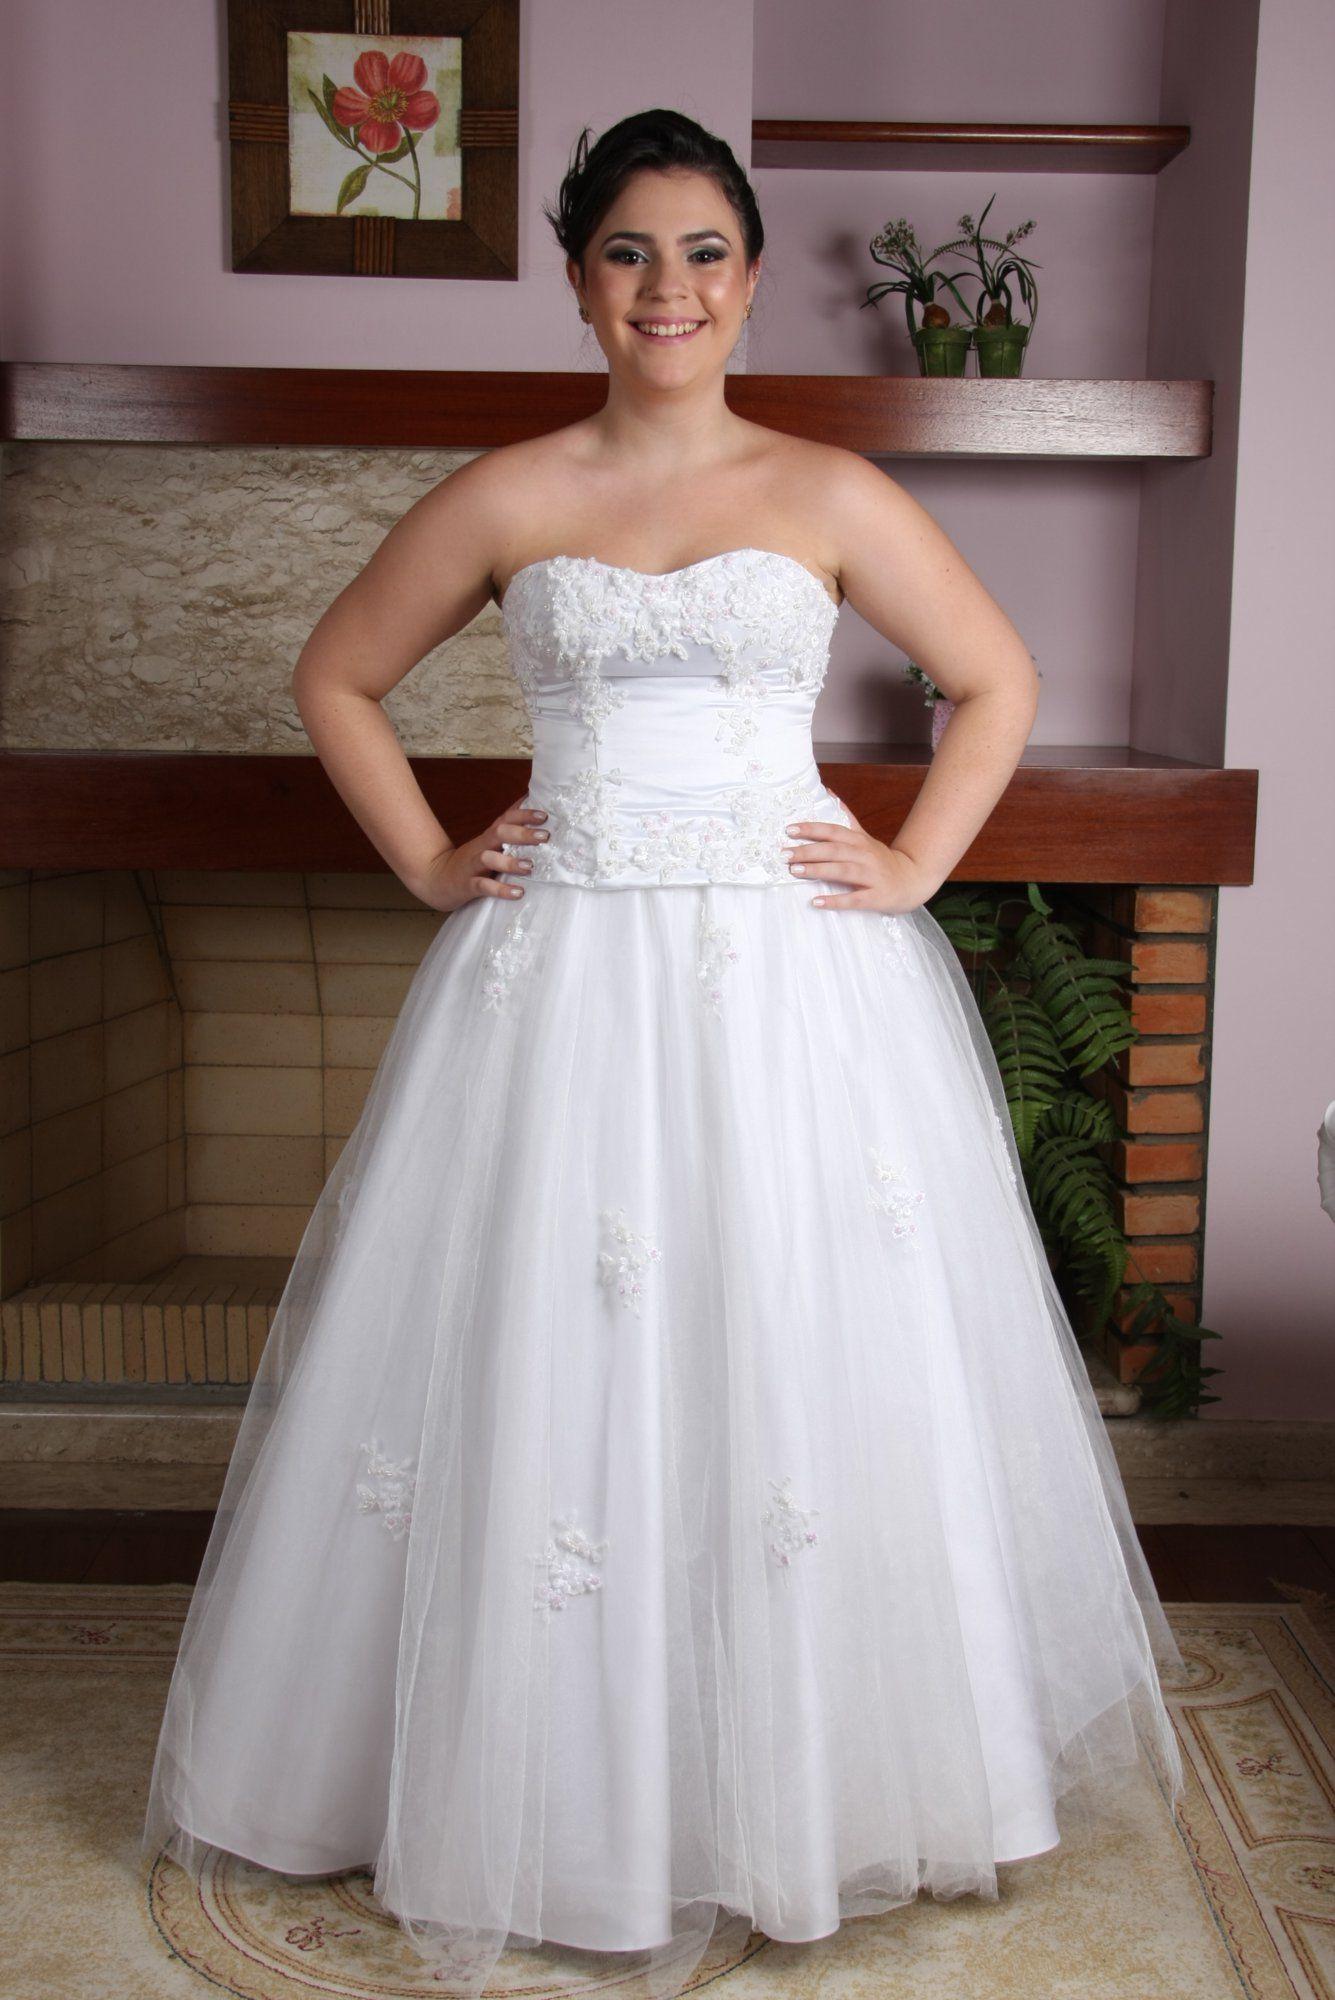 Vestido de Debutante Branco - 4 - Hipnose Alta Costura e Spa para Noivas e Noivos - Campinas - SP Vestido de Debutante, Vestido de Debutante Branco, Hipnose Alta Costura